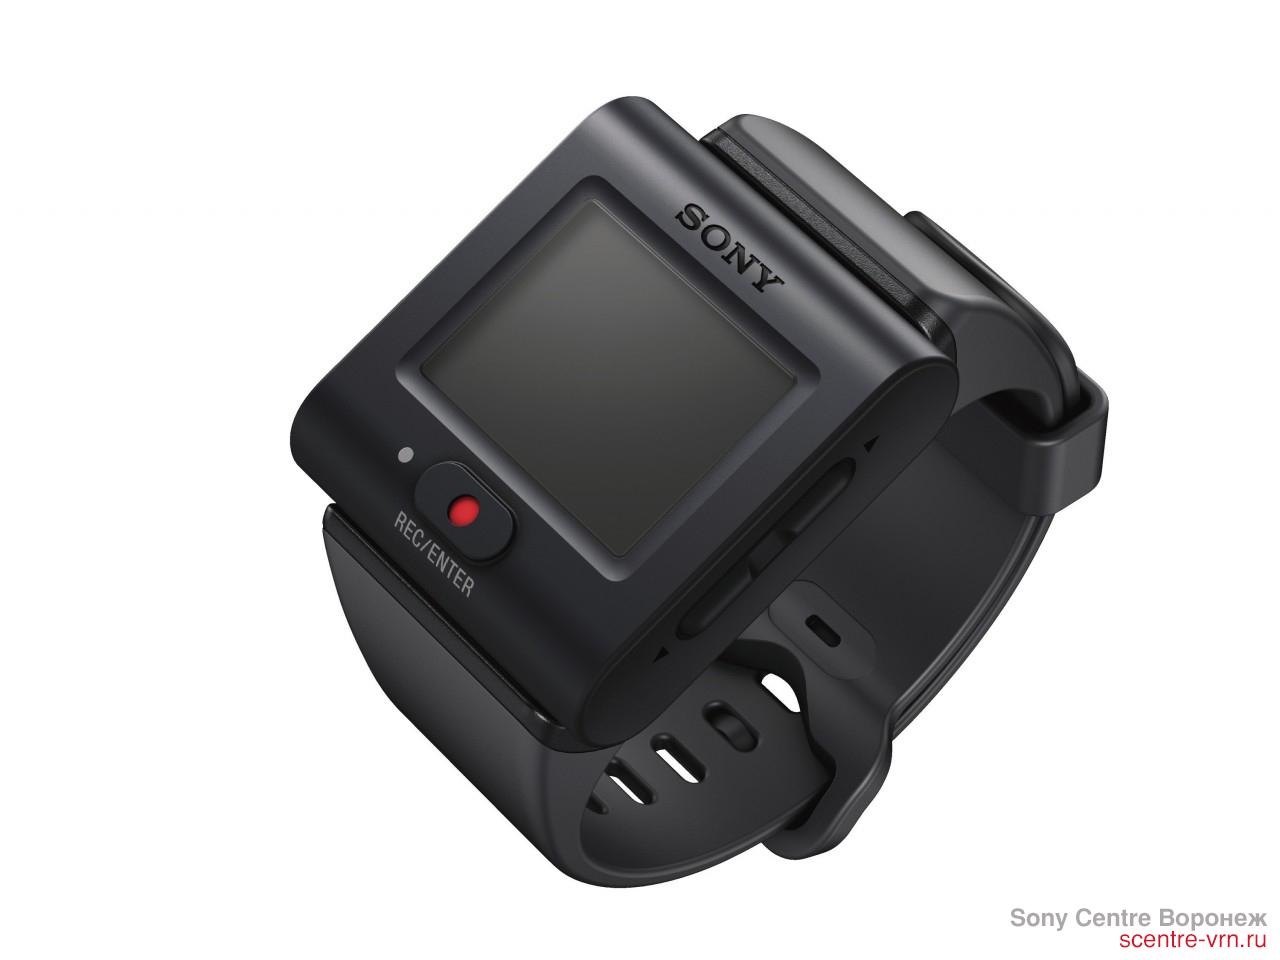 Пульт ДУ для экшн камеры Sony FDR-X3000R